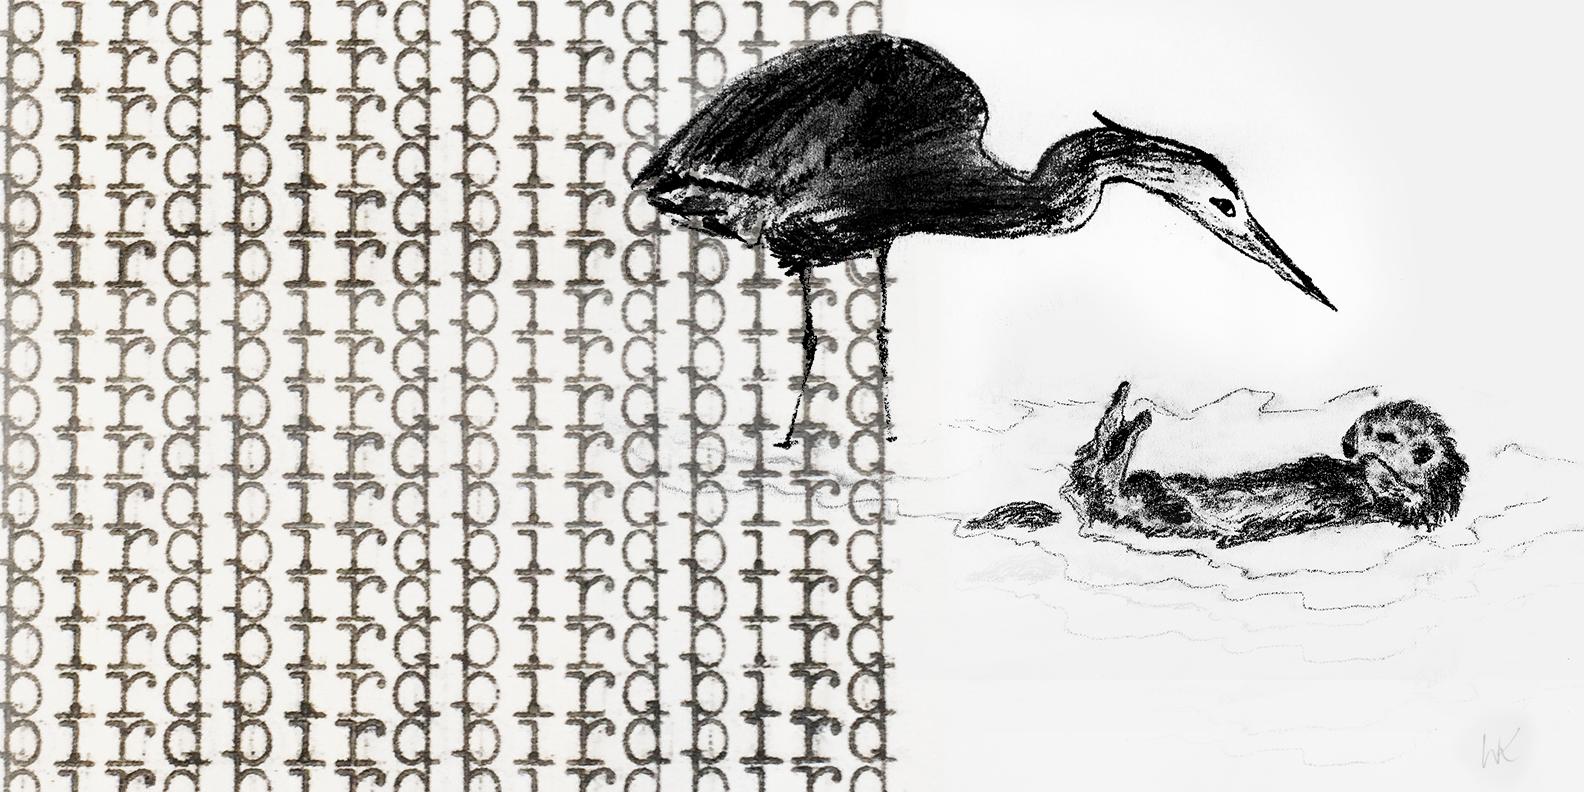 Bird_Drawing_2_wk.jpg